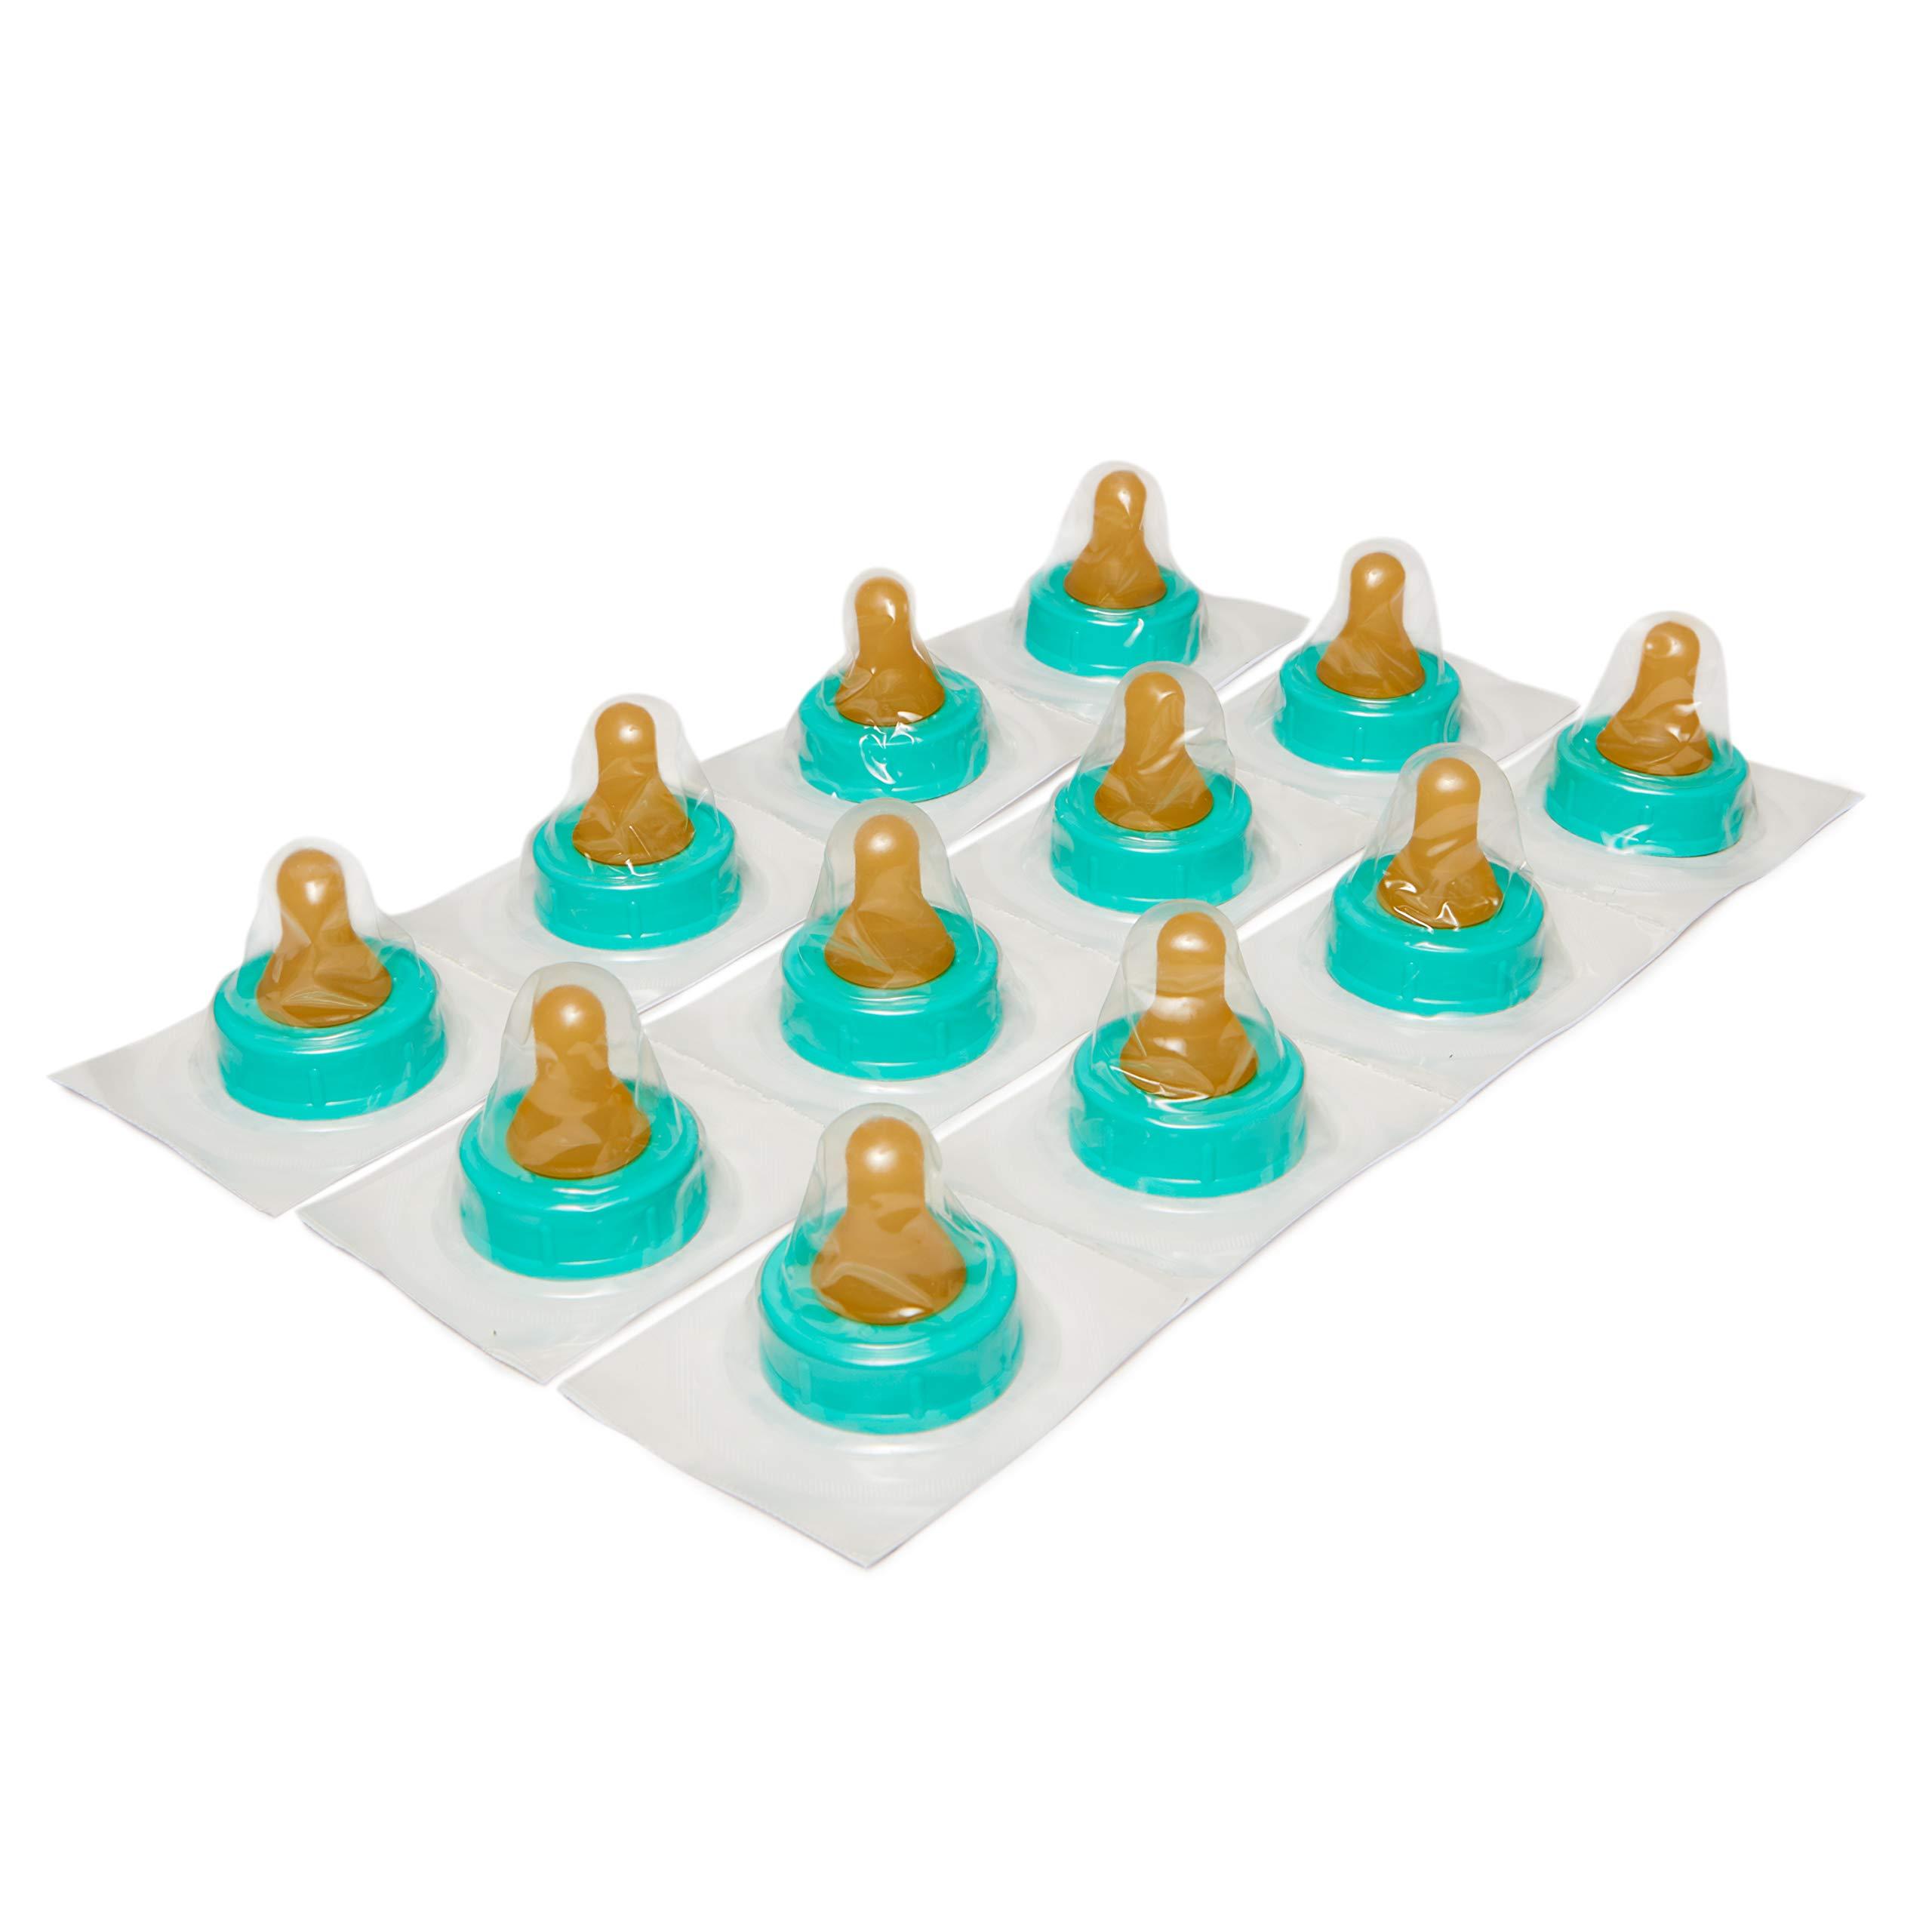 Enfamil Slow Flow Soft Nipples - Latex-Free & BPA Free, Pack of 12